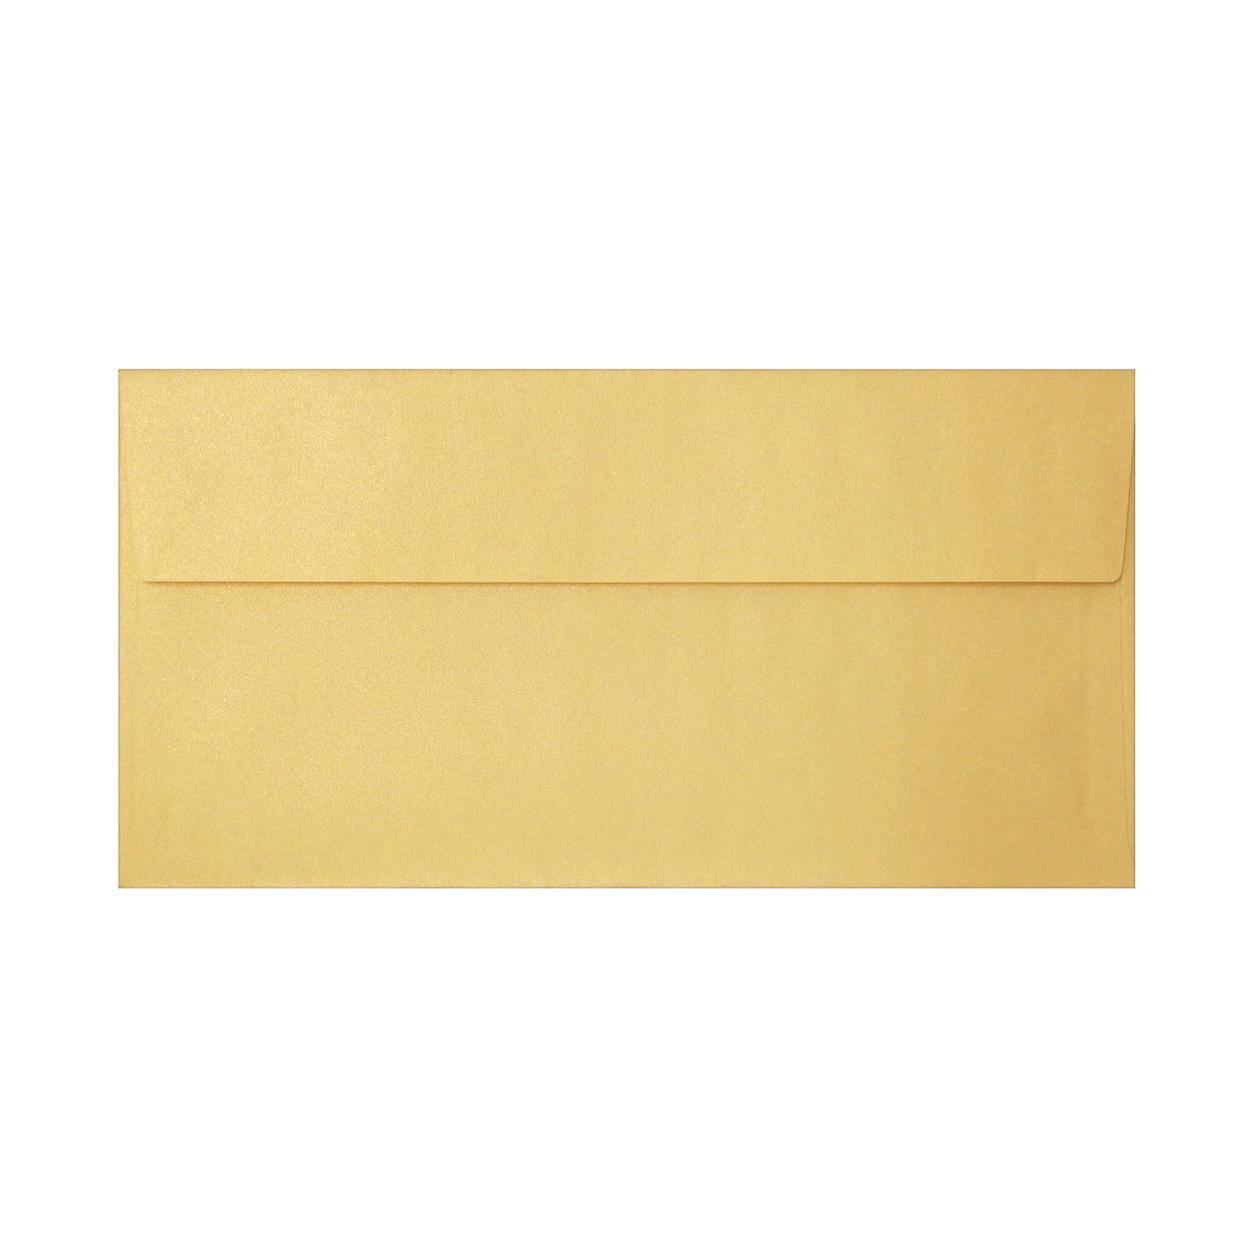 長3カマス封筒 上質カラー ゴールド 97.4g